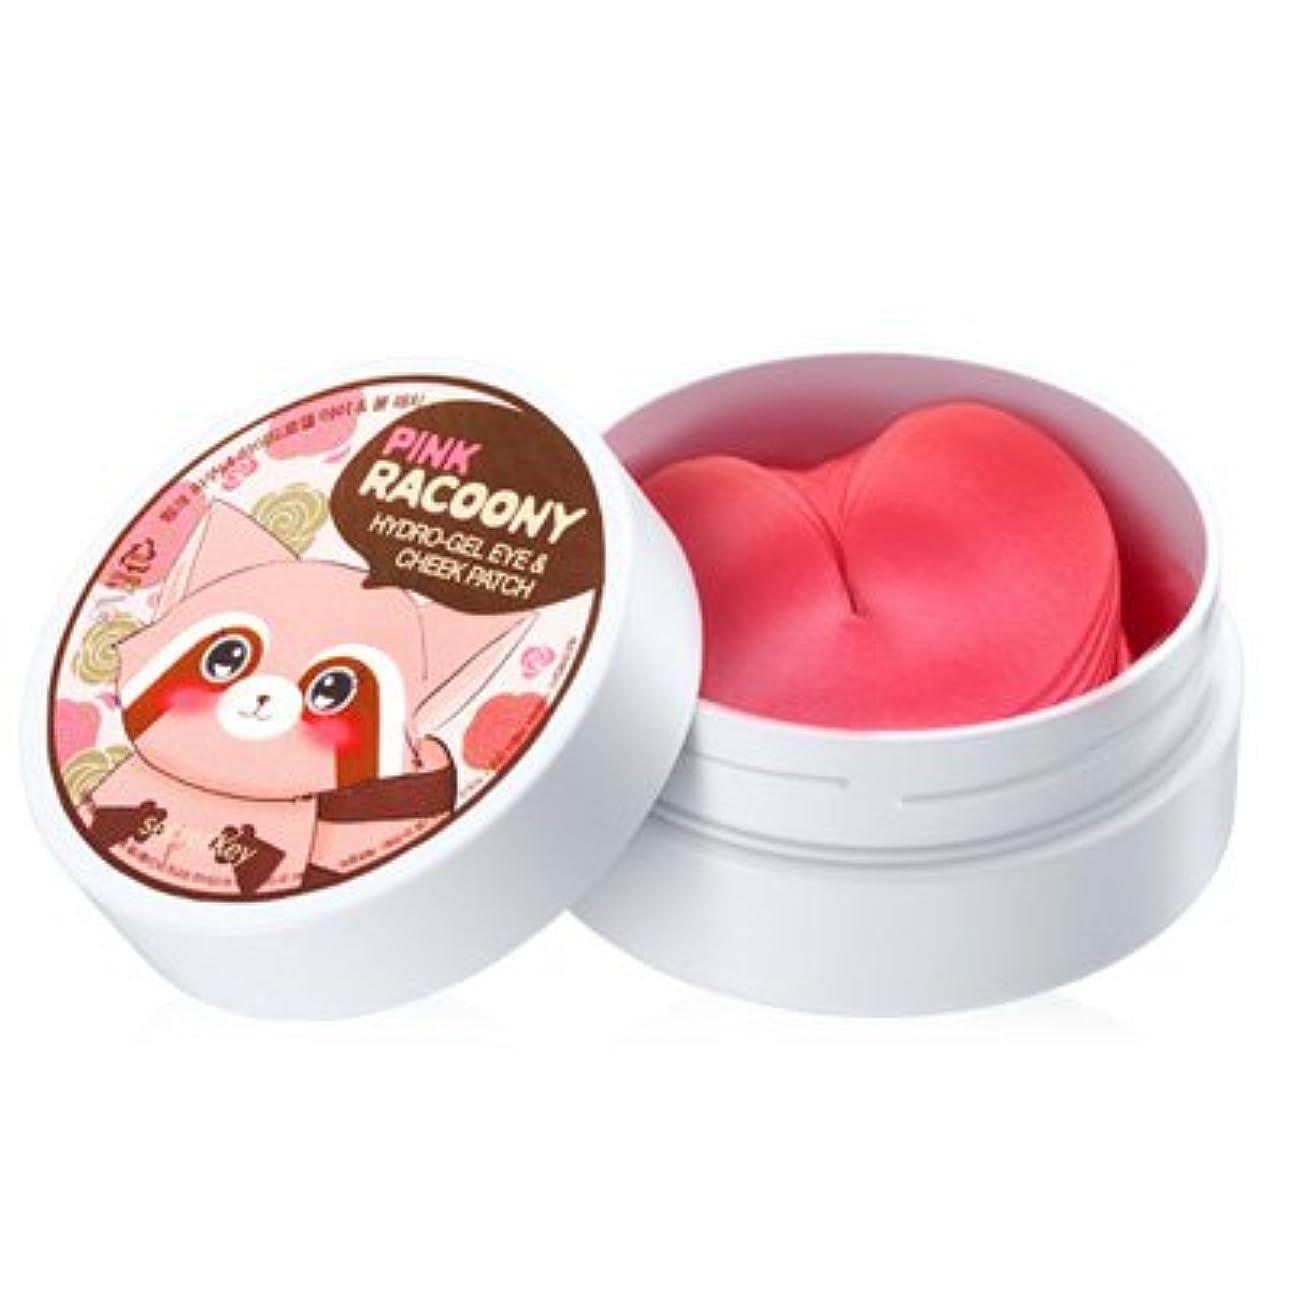 未満ロンドン肺Secret Key Pink Racoony Hydro-gel Eye & Cheek Patch/シークレットキー ピンク ラクーニー ハイドロゲル アイ&チーク パッチ [並行輸入品]